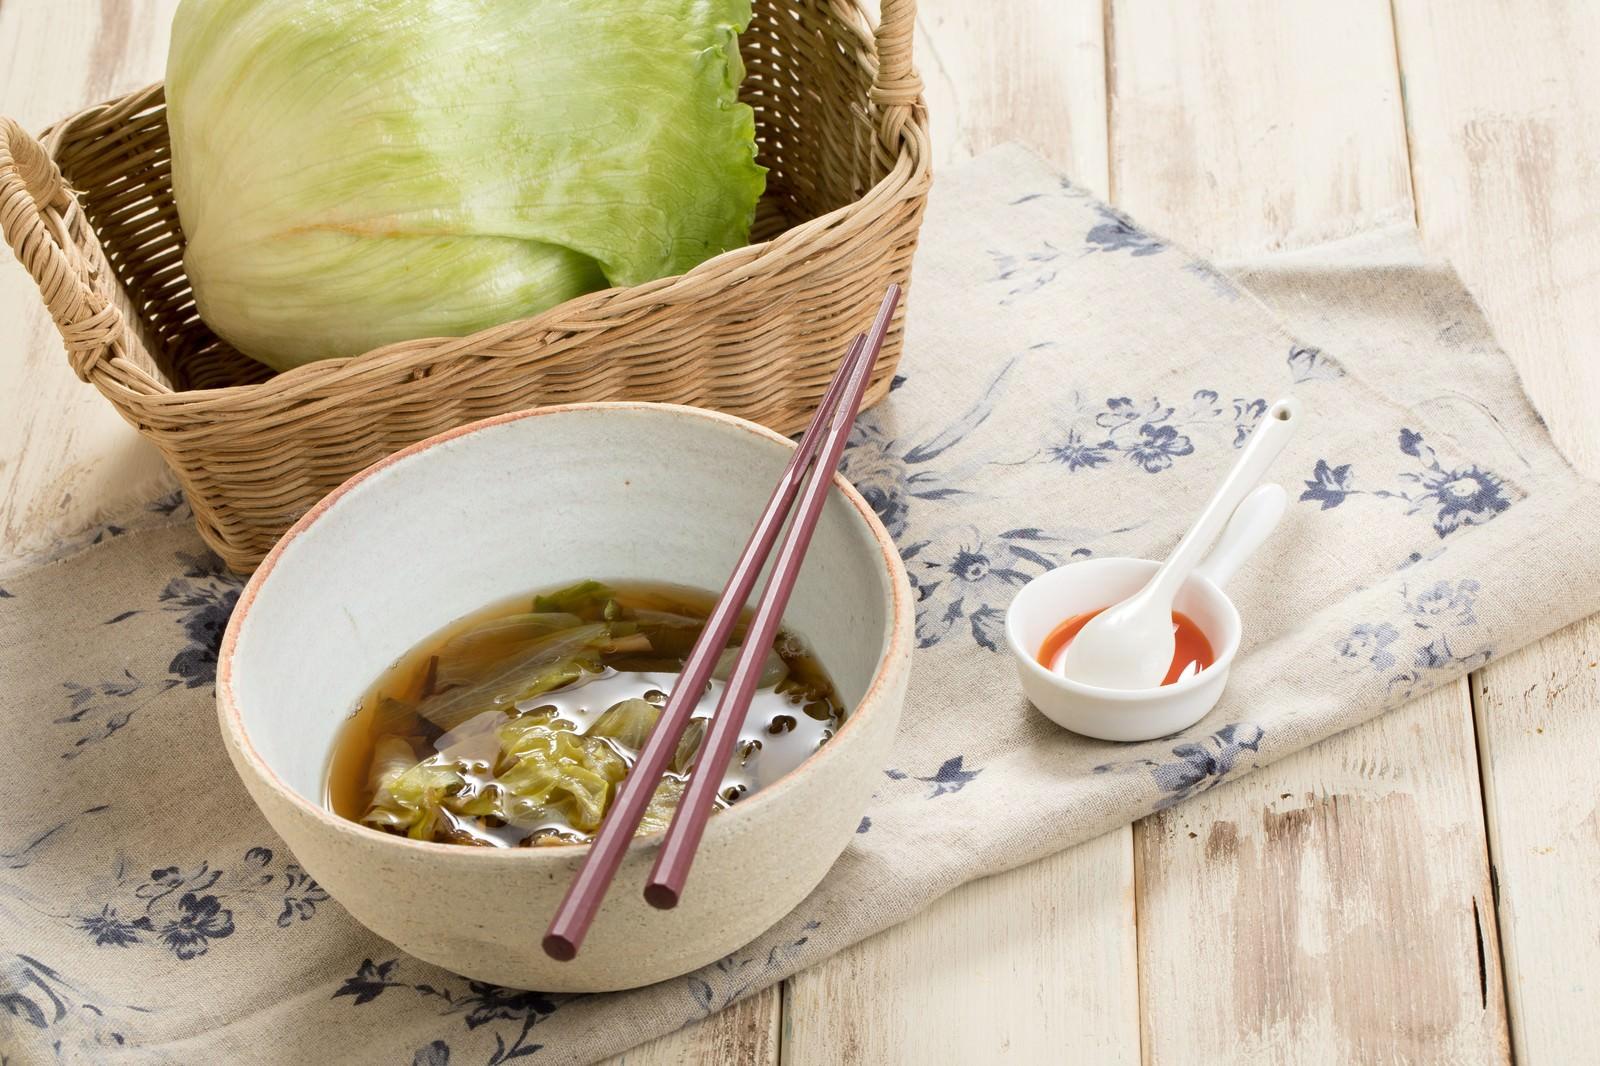 「レタスで作るうま味スープ」の写真